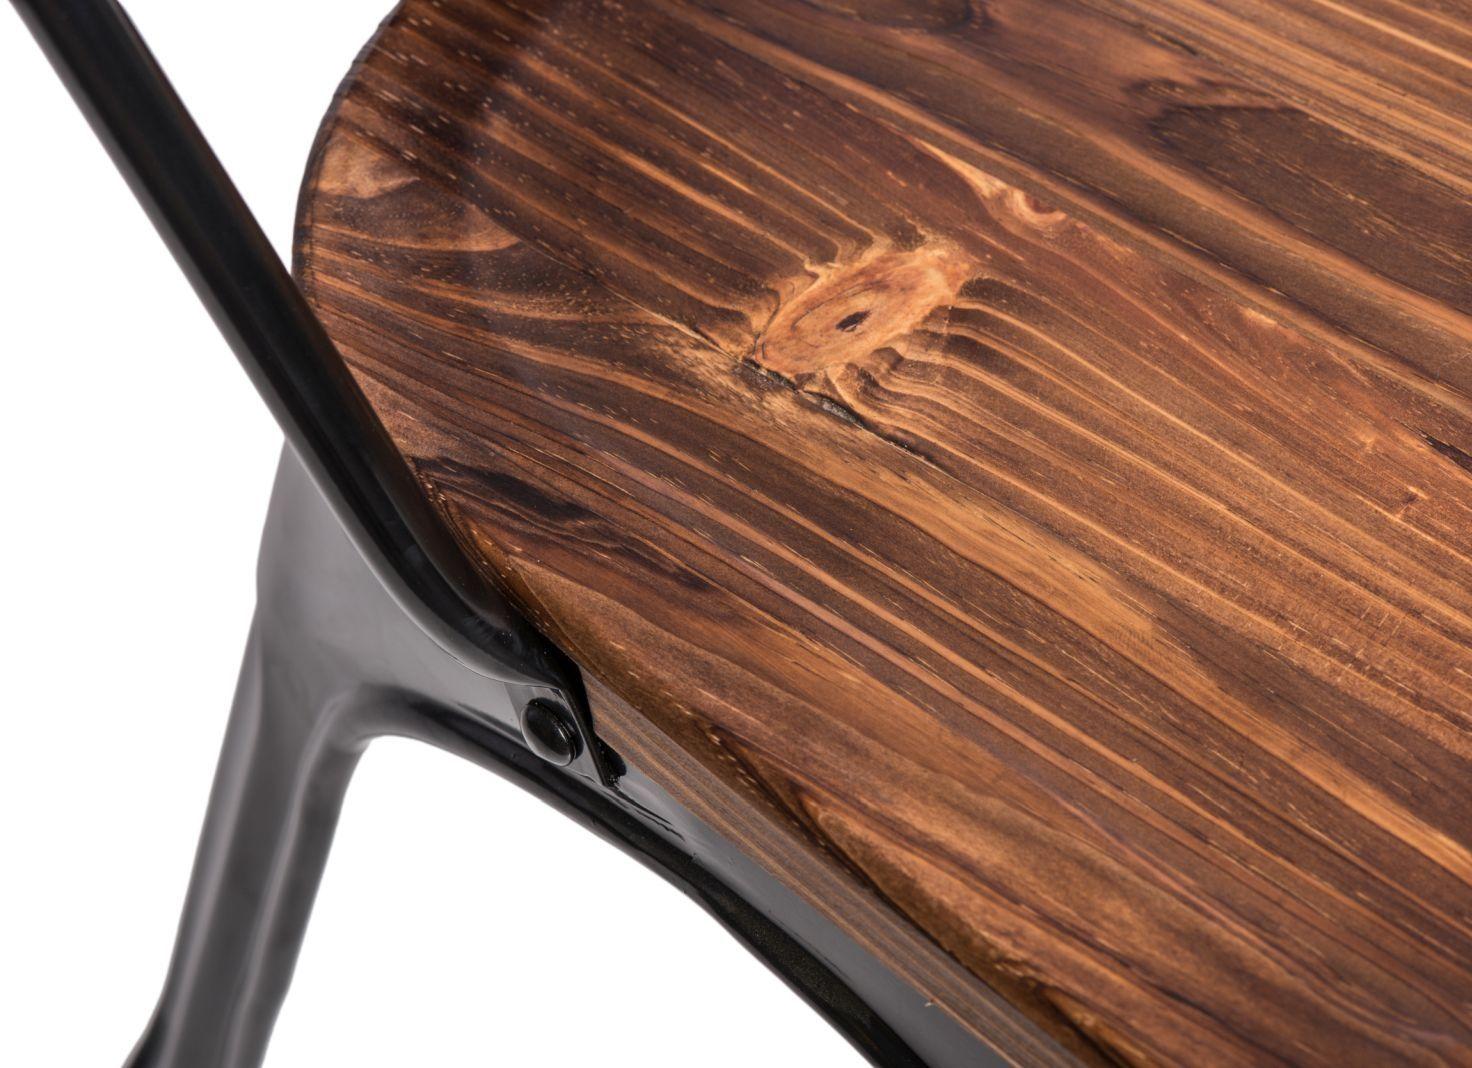 D2 Krzesło Paris Wood czarny sosna